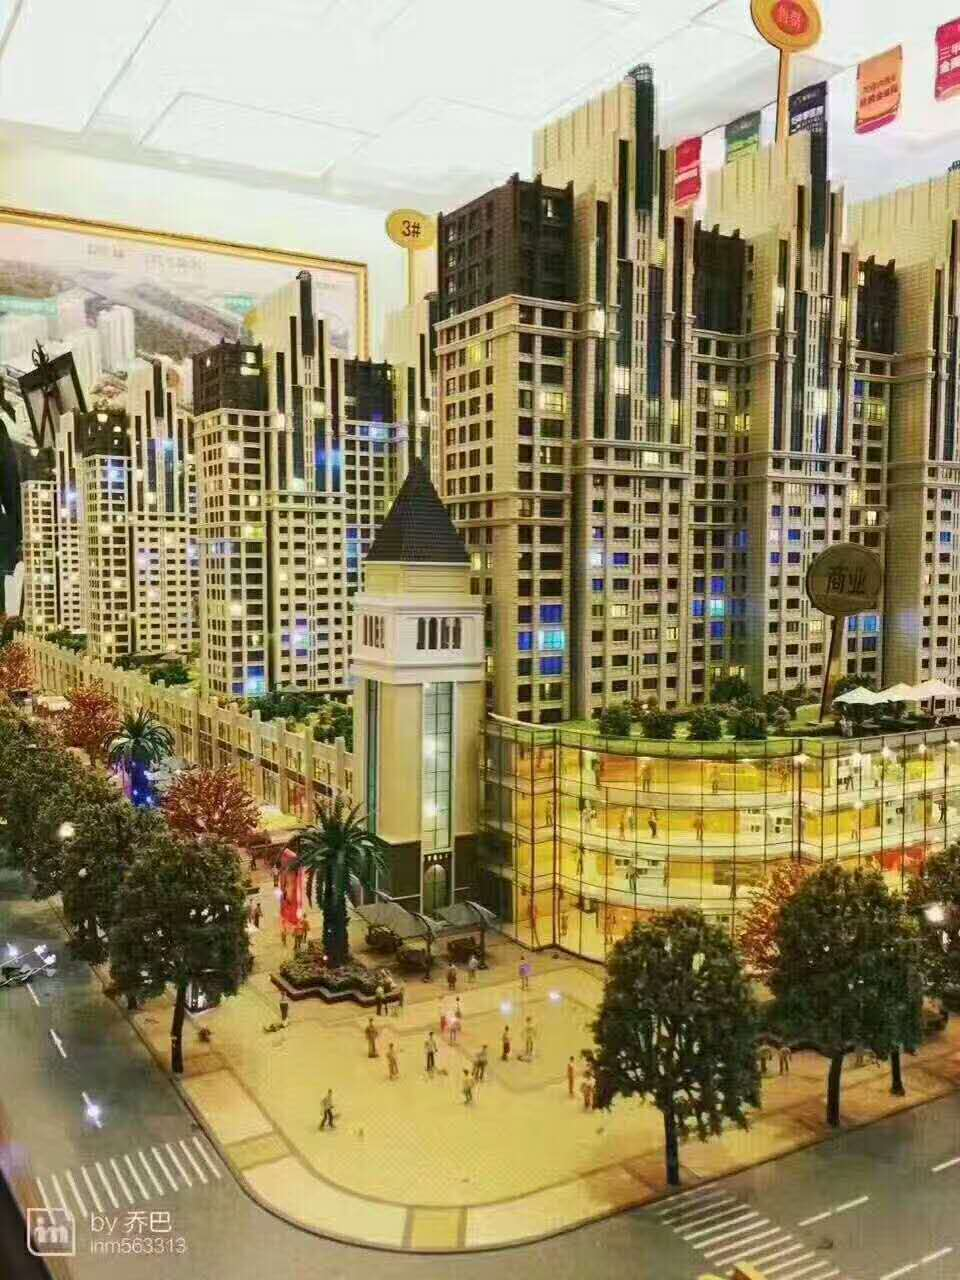 涿州翡翠华府6号7号8号楼房价8100起首付可分期三年